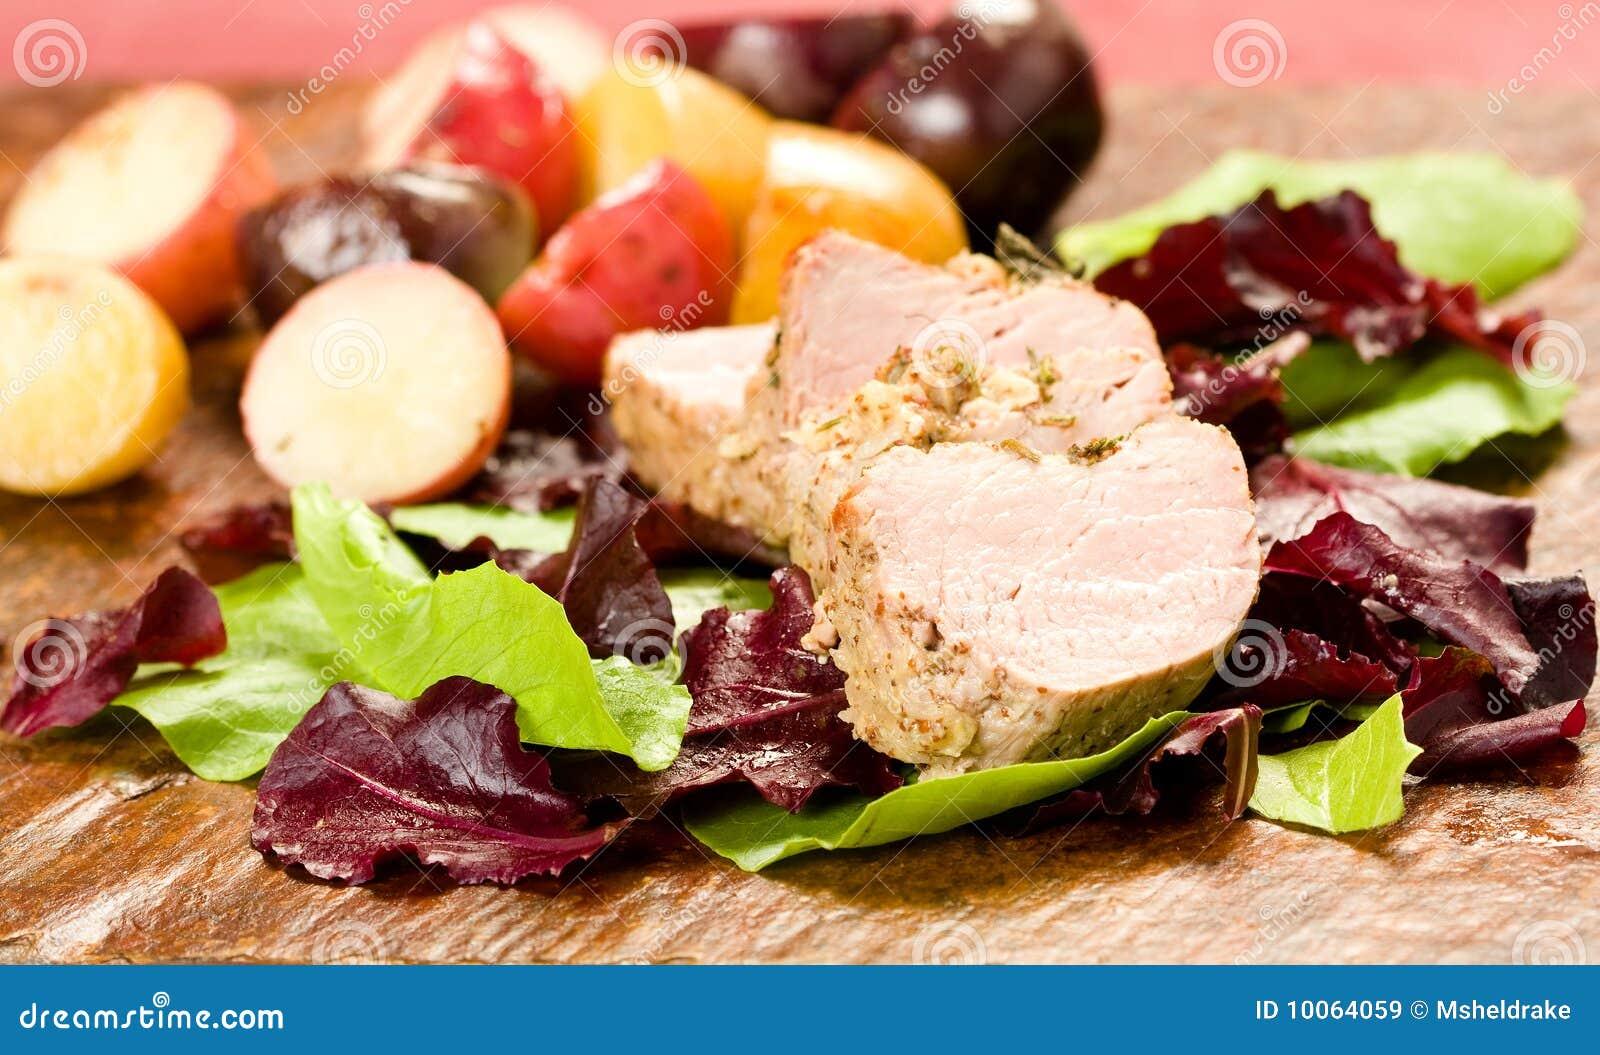 Tenderloin de carne de porco Encrusted erva